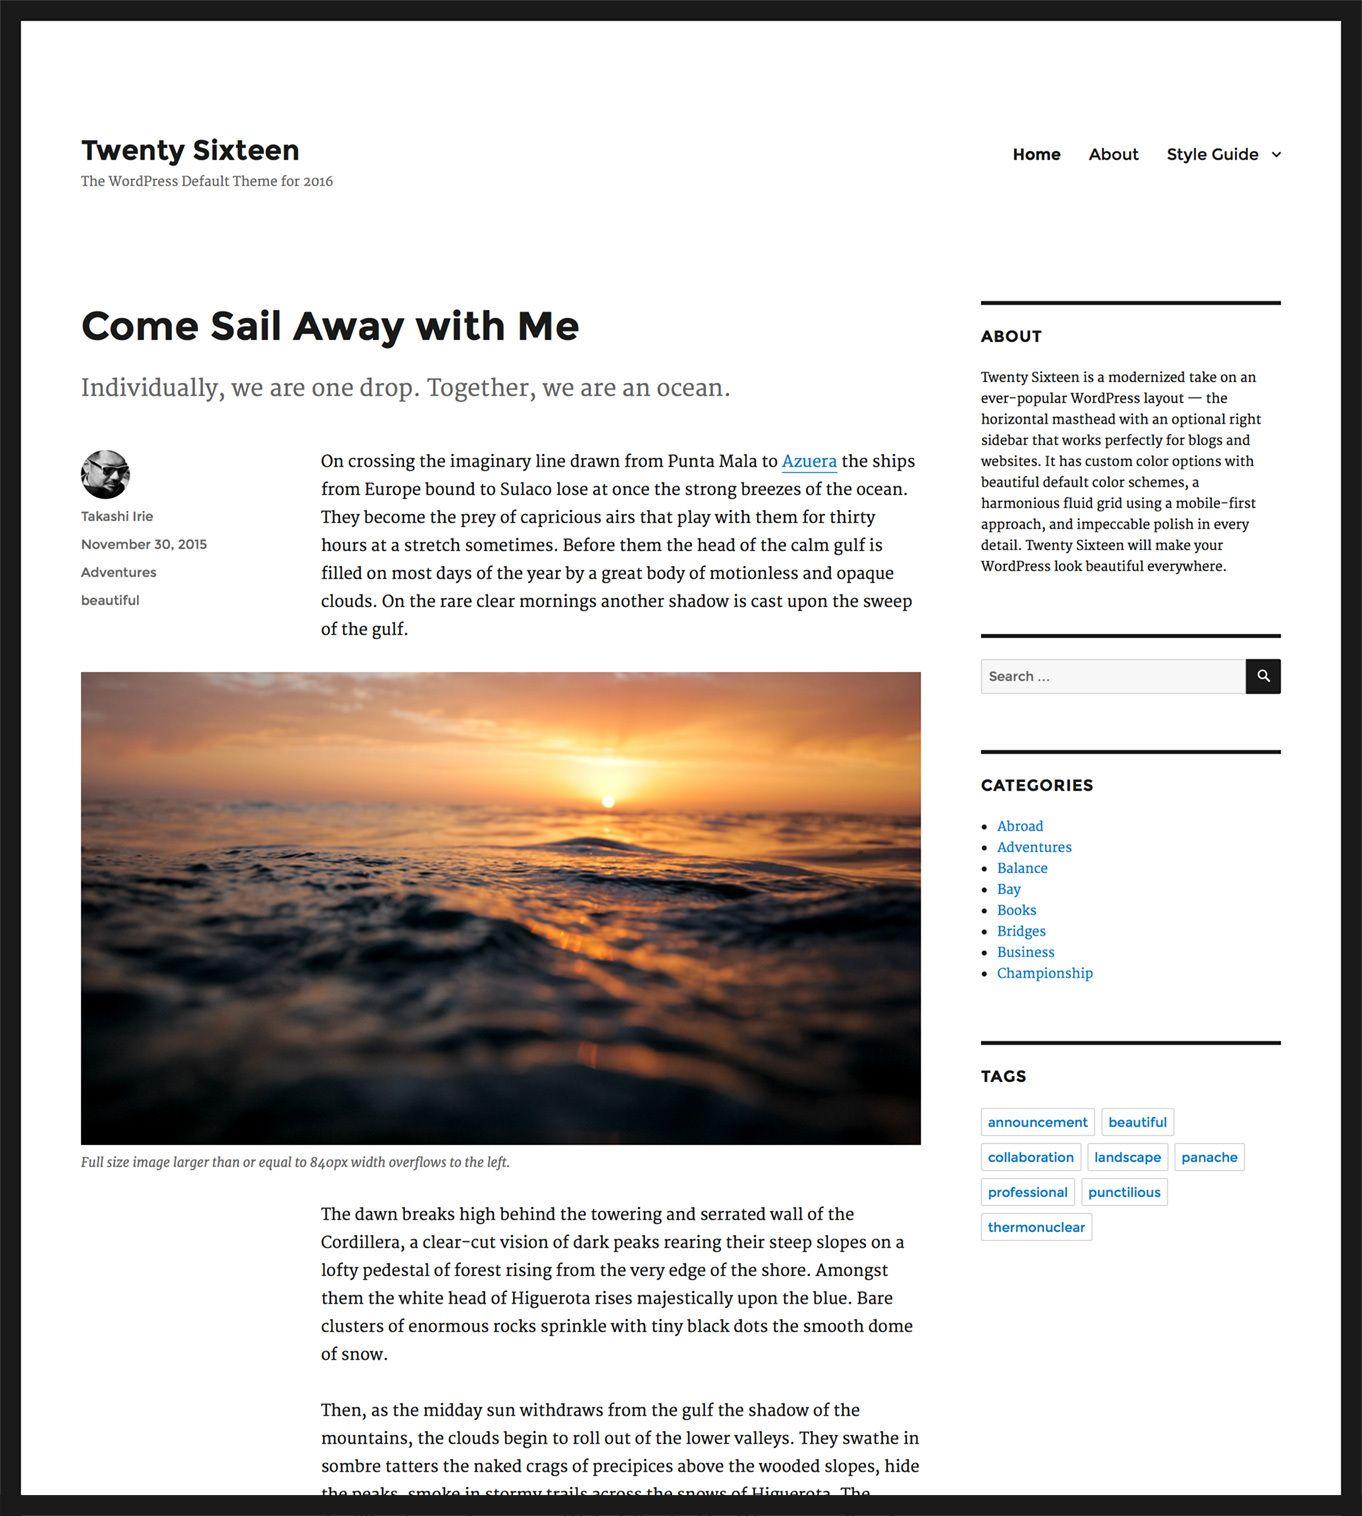 Новая тема Twenty Sixteen для WordPress 4.4